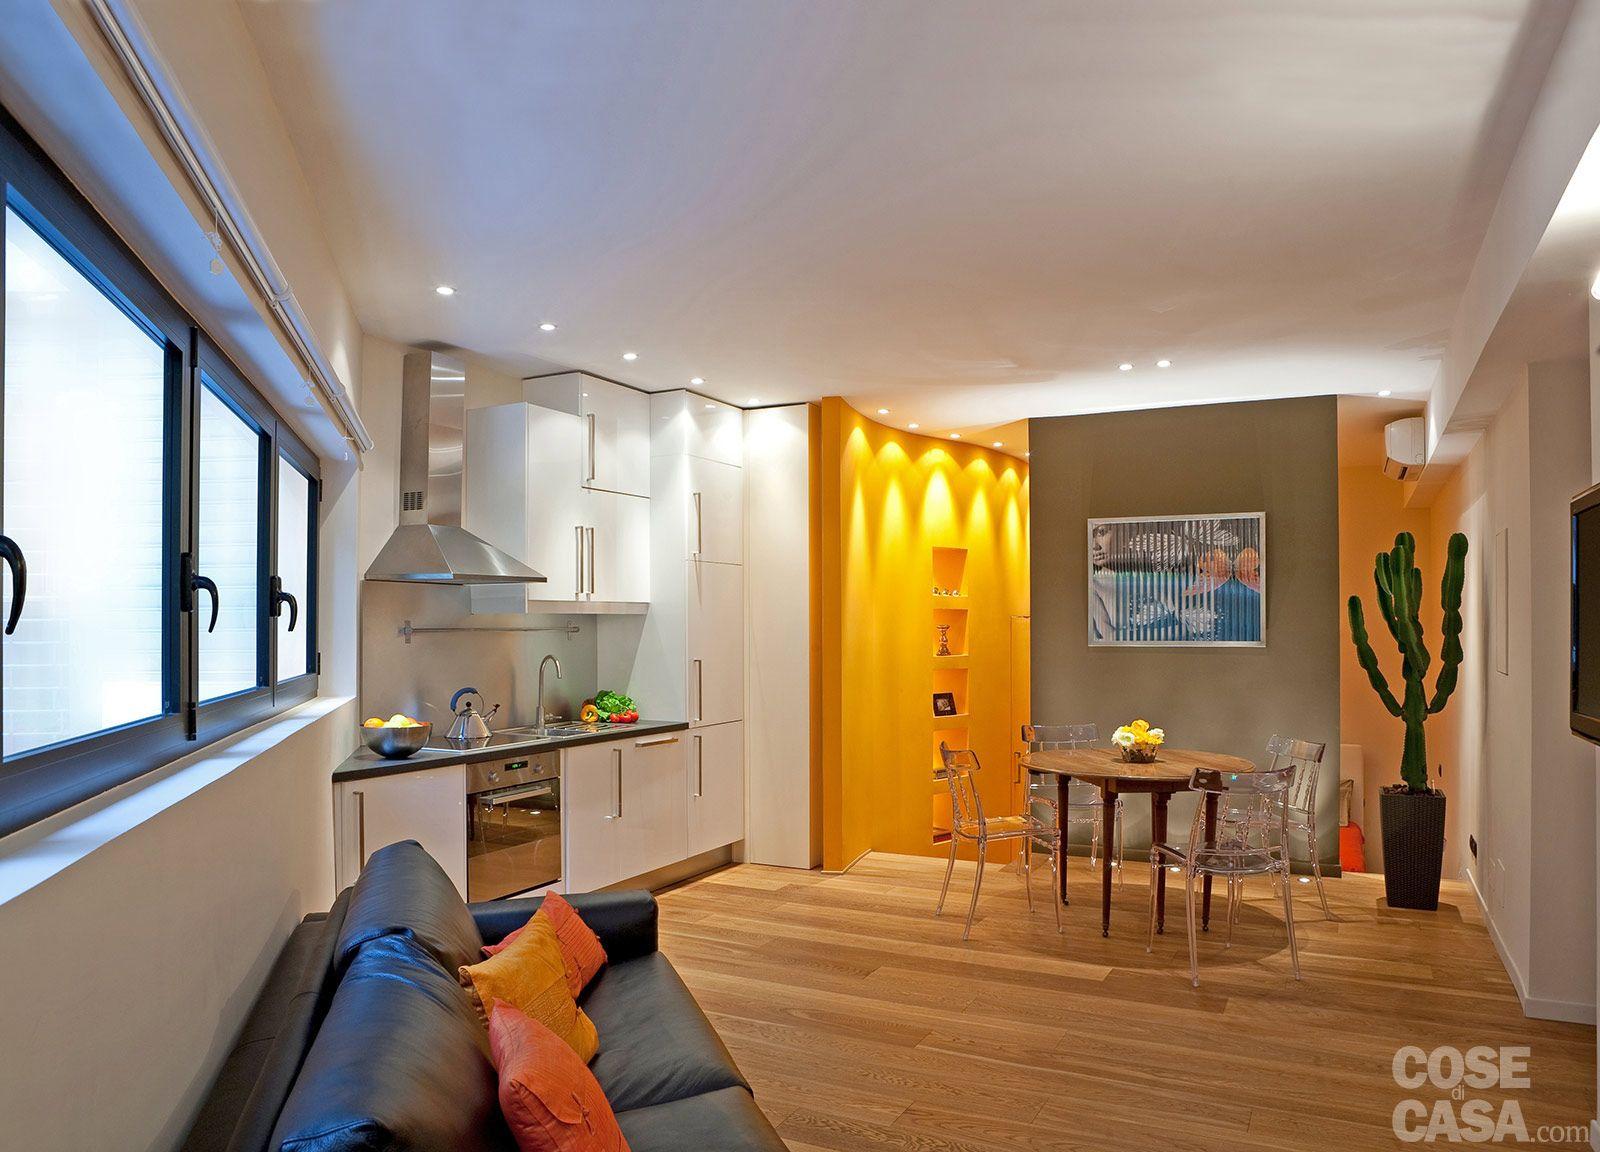 Il monolocale di 37 mq organizzato come un unico spazio aperto suddiviso in pi zone con - Muri di casa colorati ...